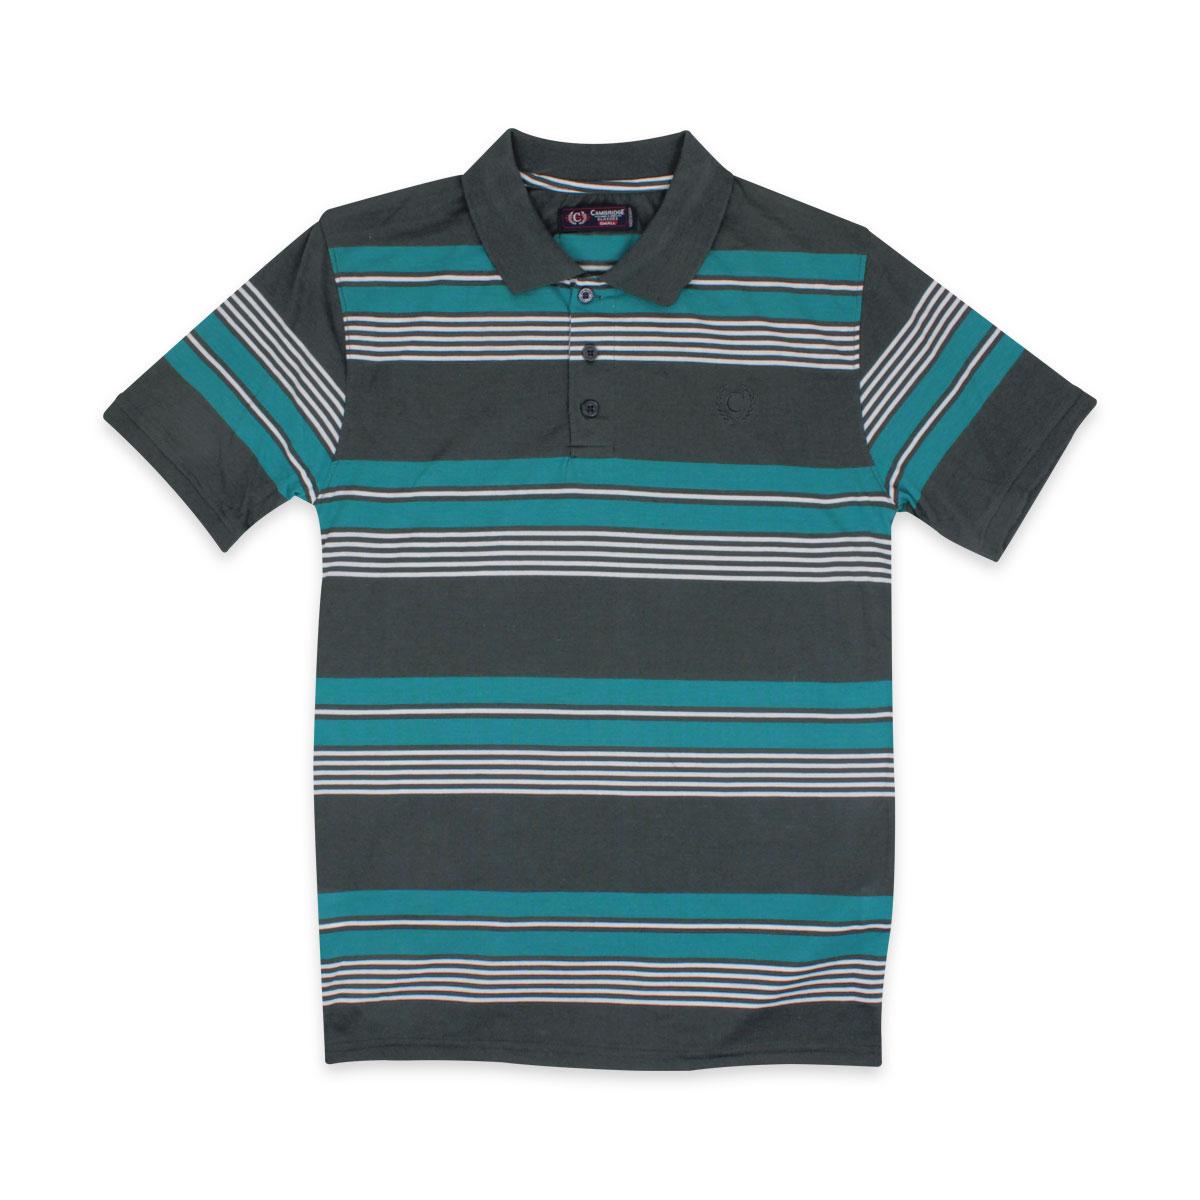 Camisas-Polo-Para-Hombre-A-Rayas-Pique-Con-Cuello-camiseta-Camiseta-Manga-Corta-De-Verano-S-M-L-XL miniatura 50